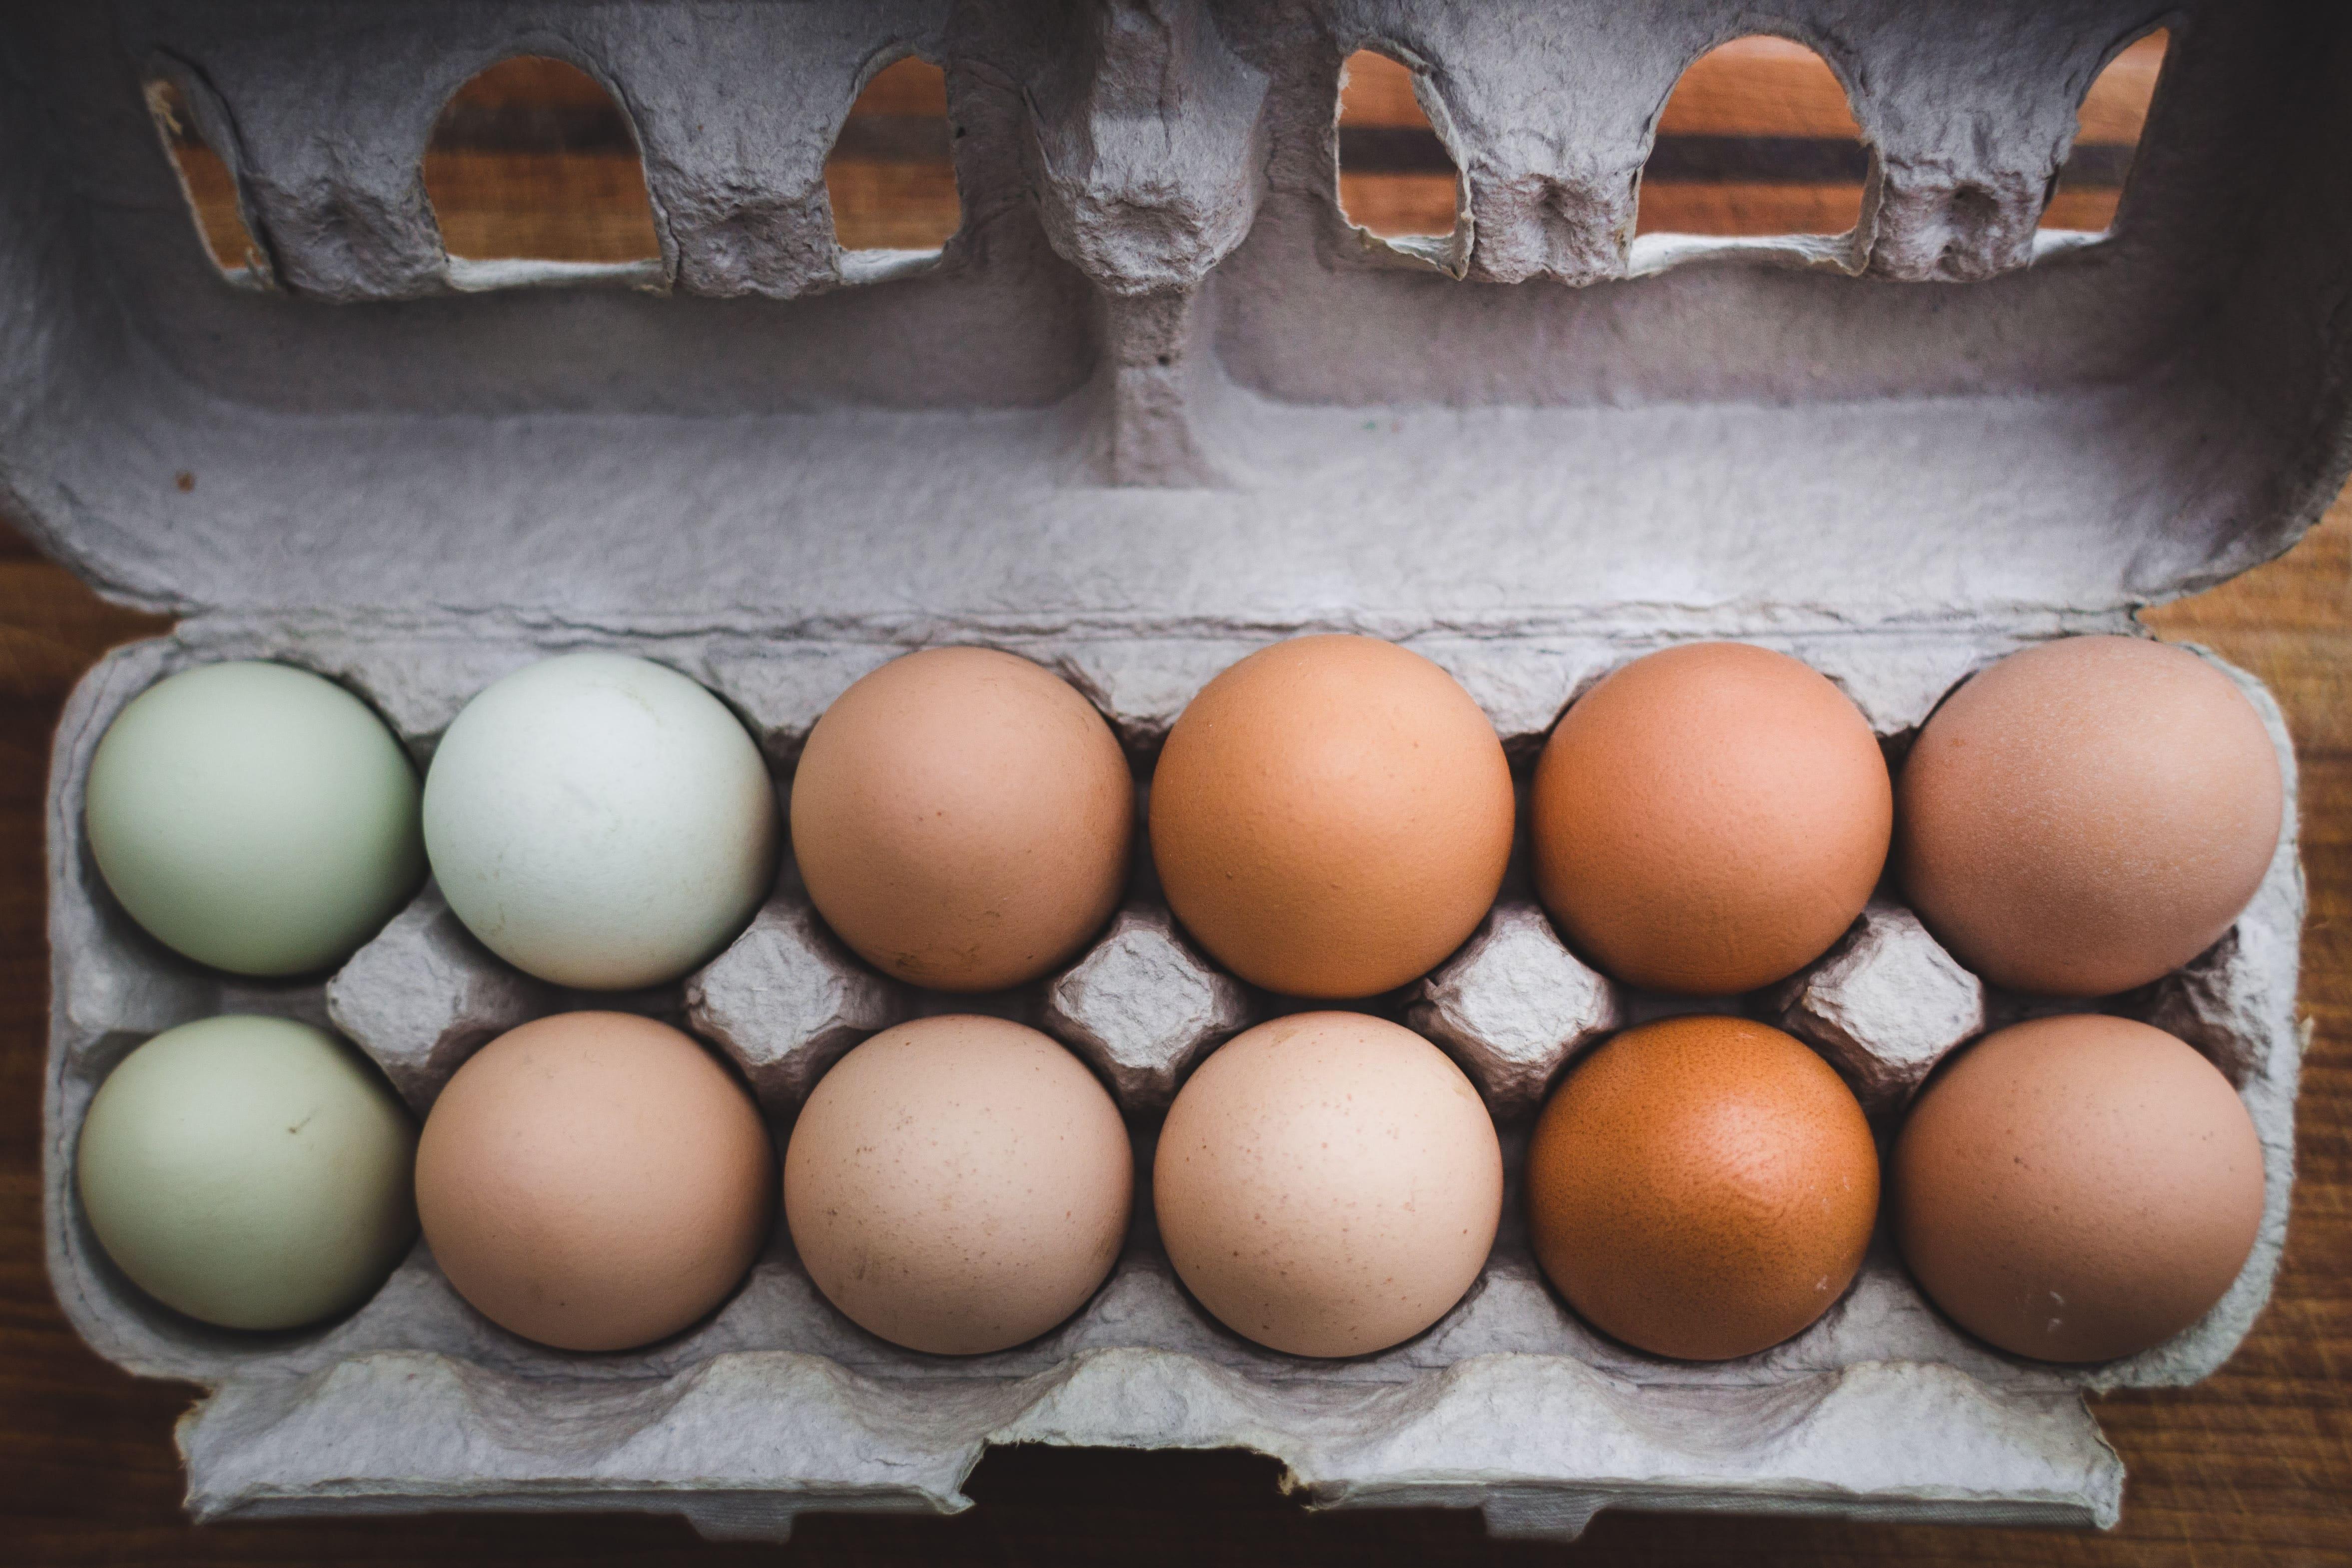 Kruhový tréning a výživa - vajcia